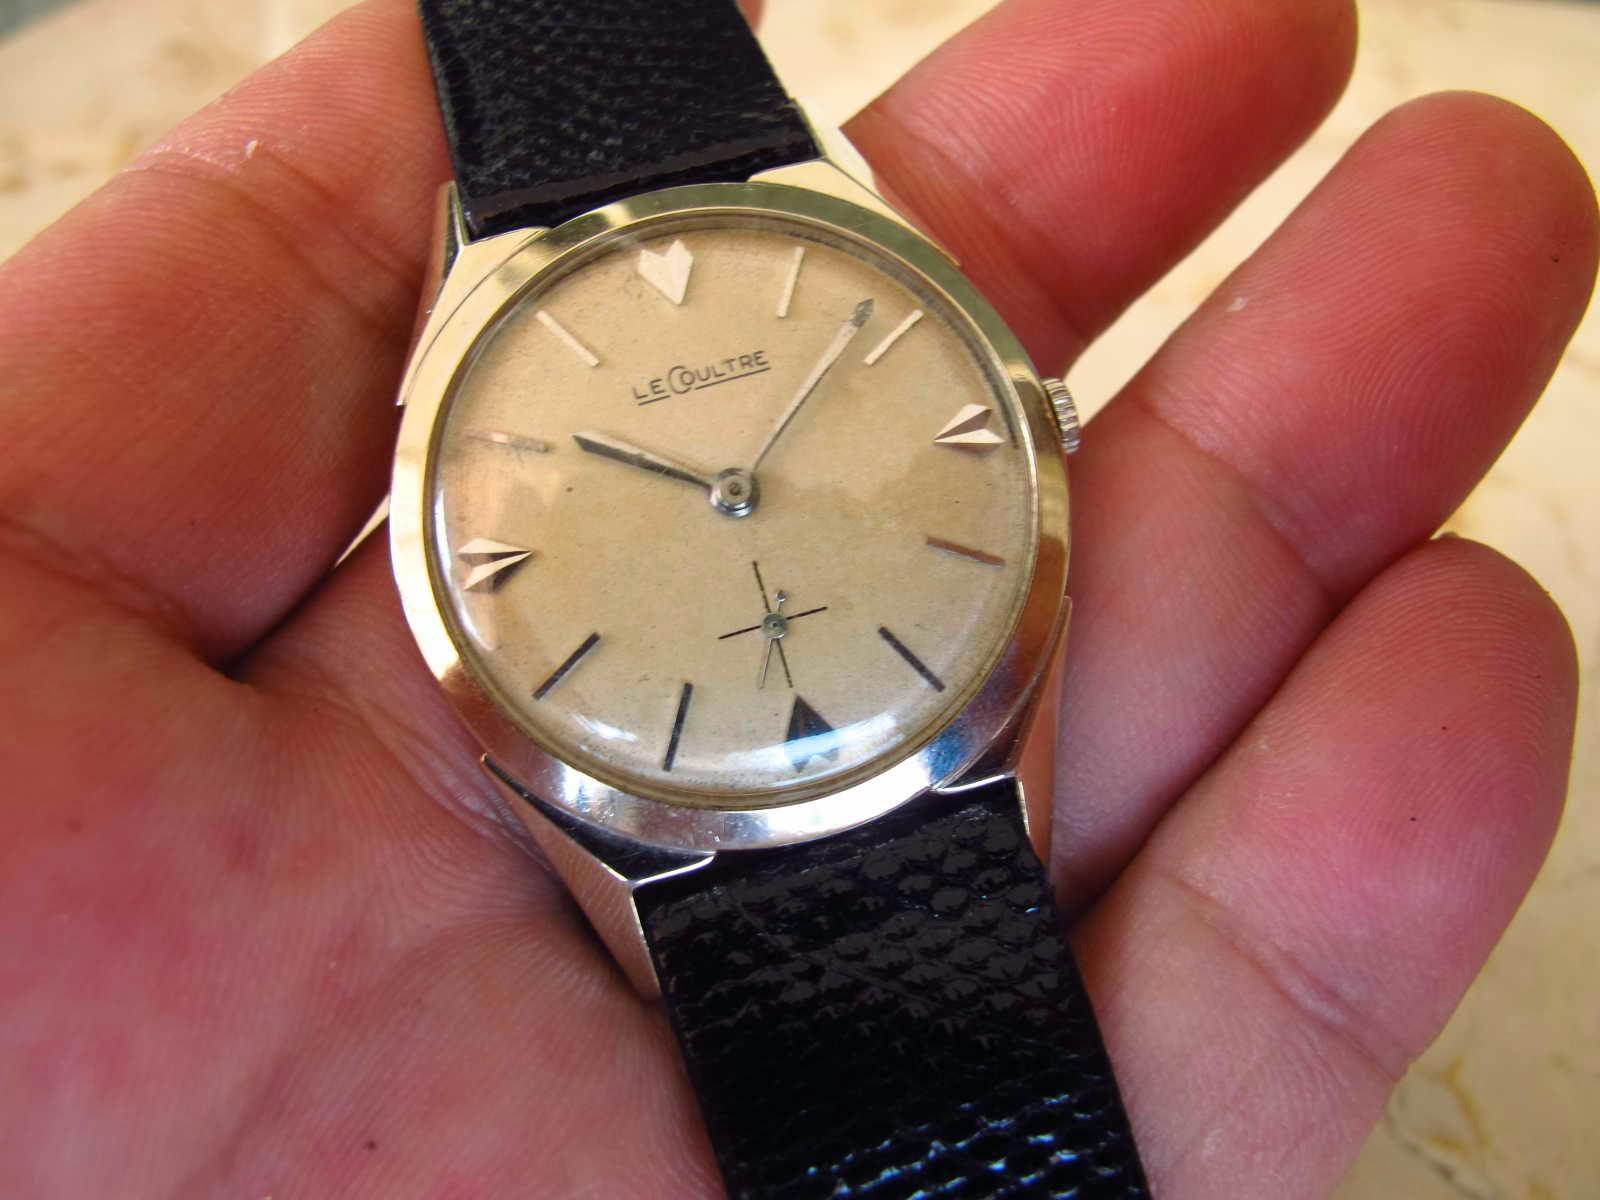 Cocok untuk Anda yang sedang mencari jam tangan dengan diameter tidak terlalu besar dengan model classic brand ternama Jaeger Le Coultre